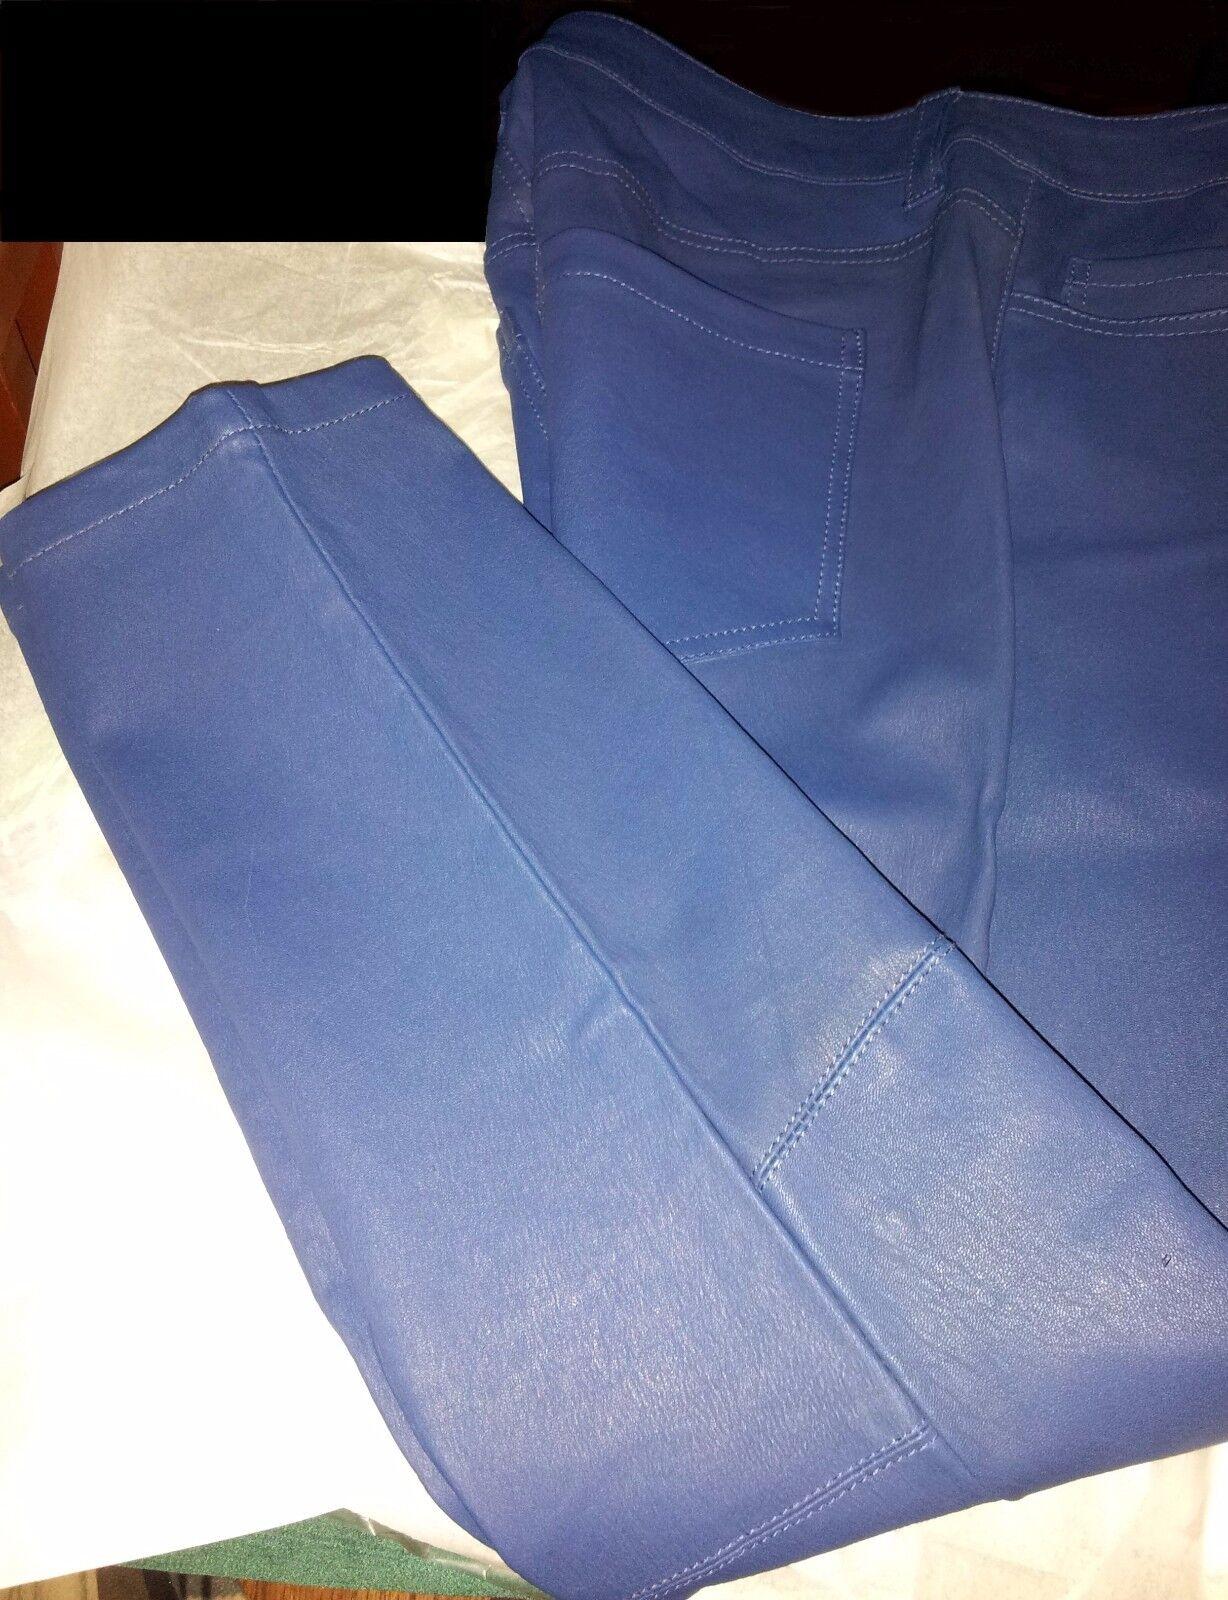 889 NEW L'Agence bluee Lamb Skin Leather Pants 34 W x 26 L